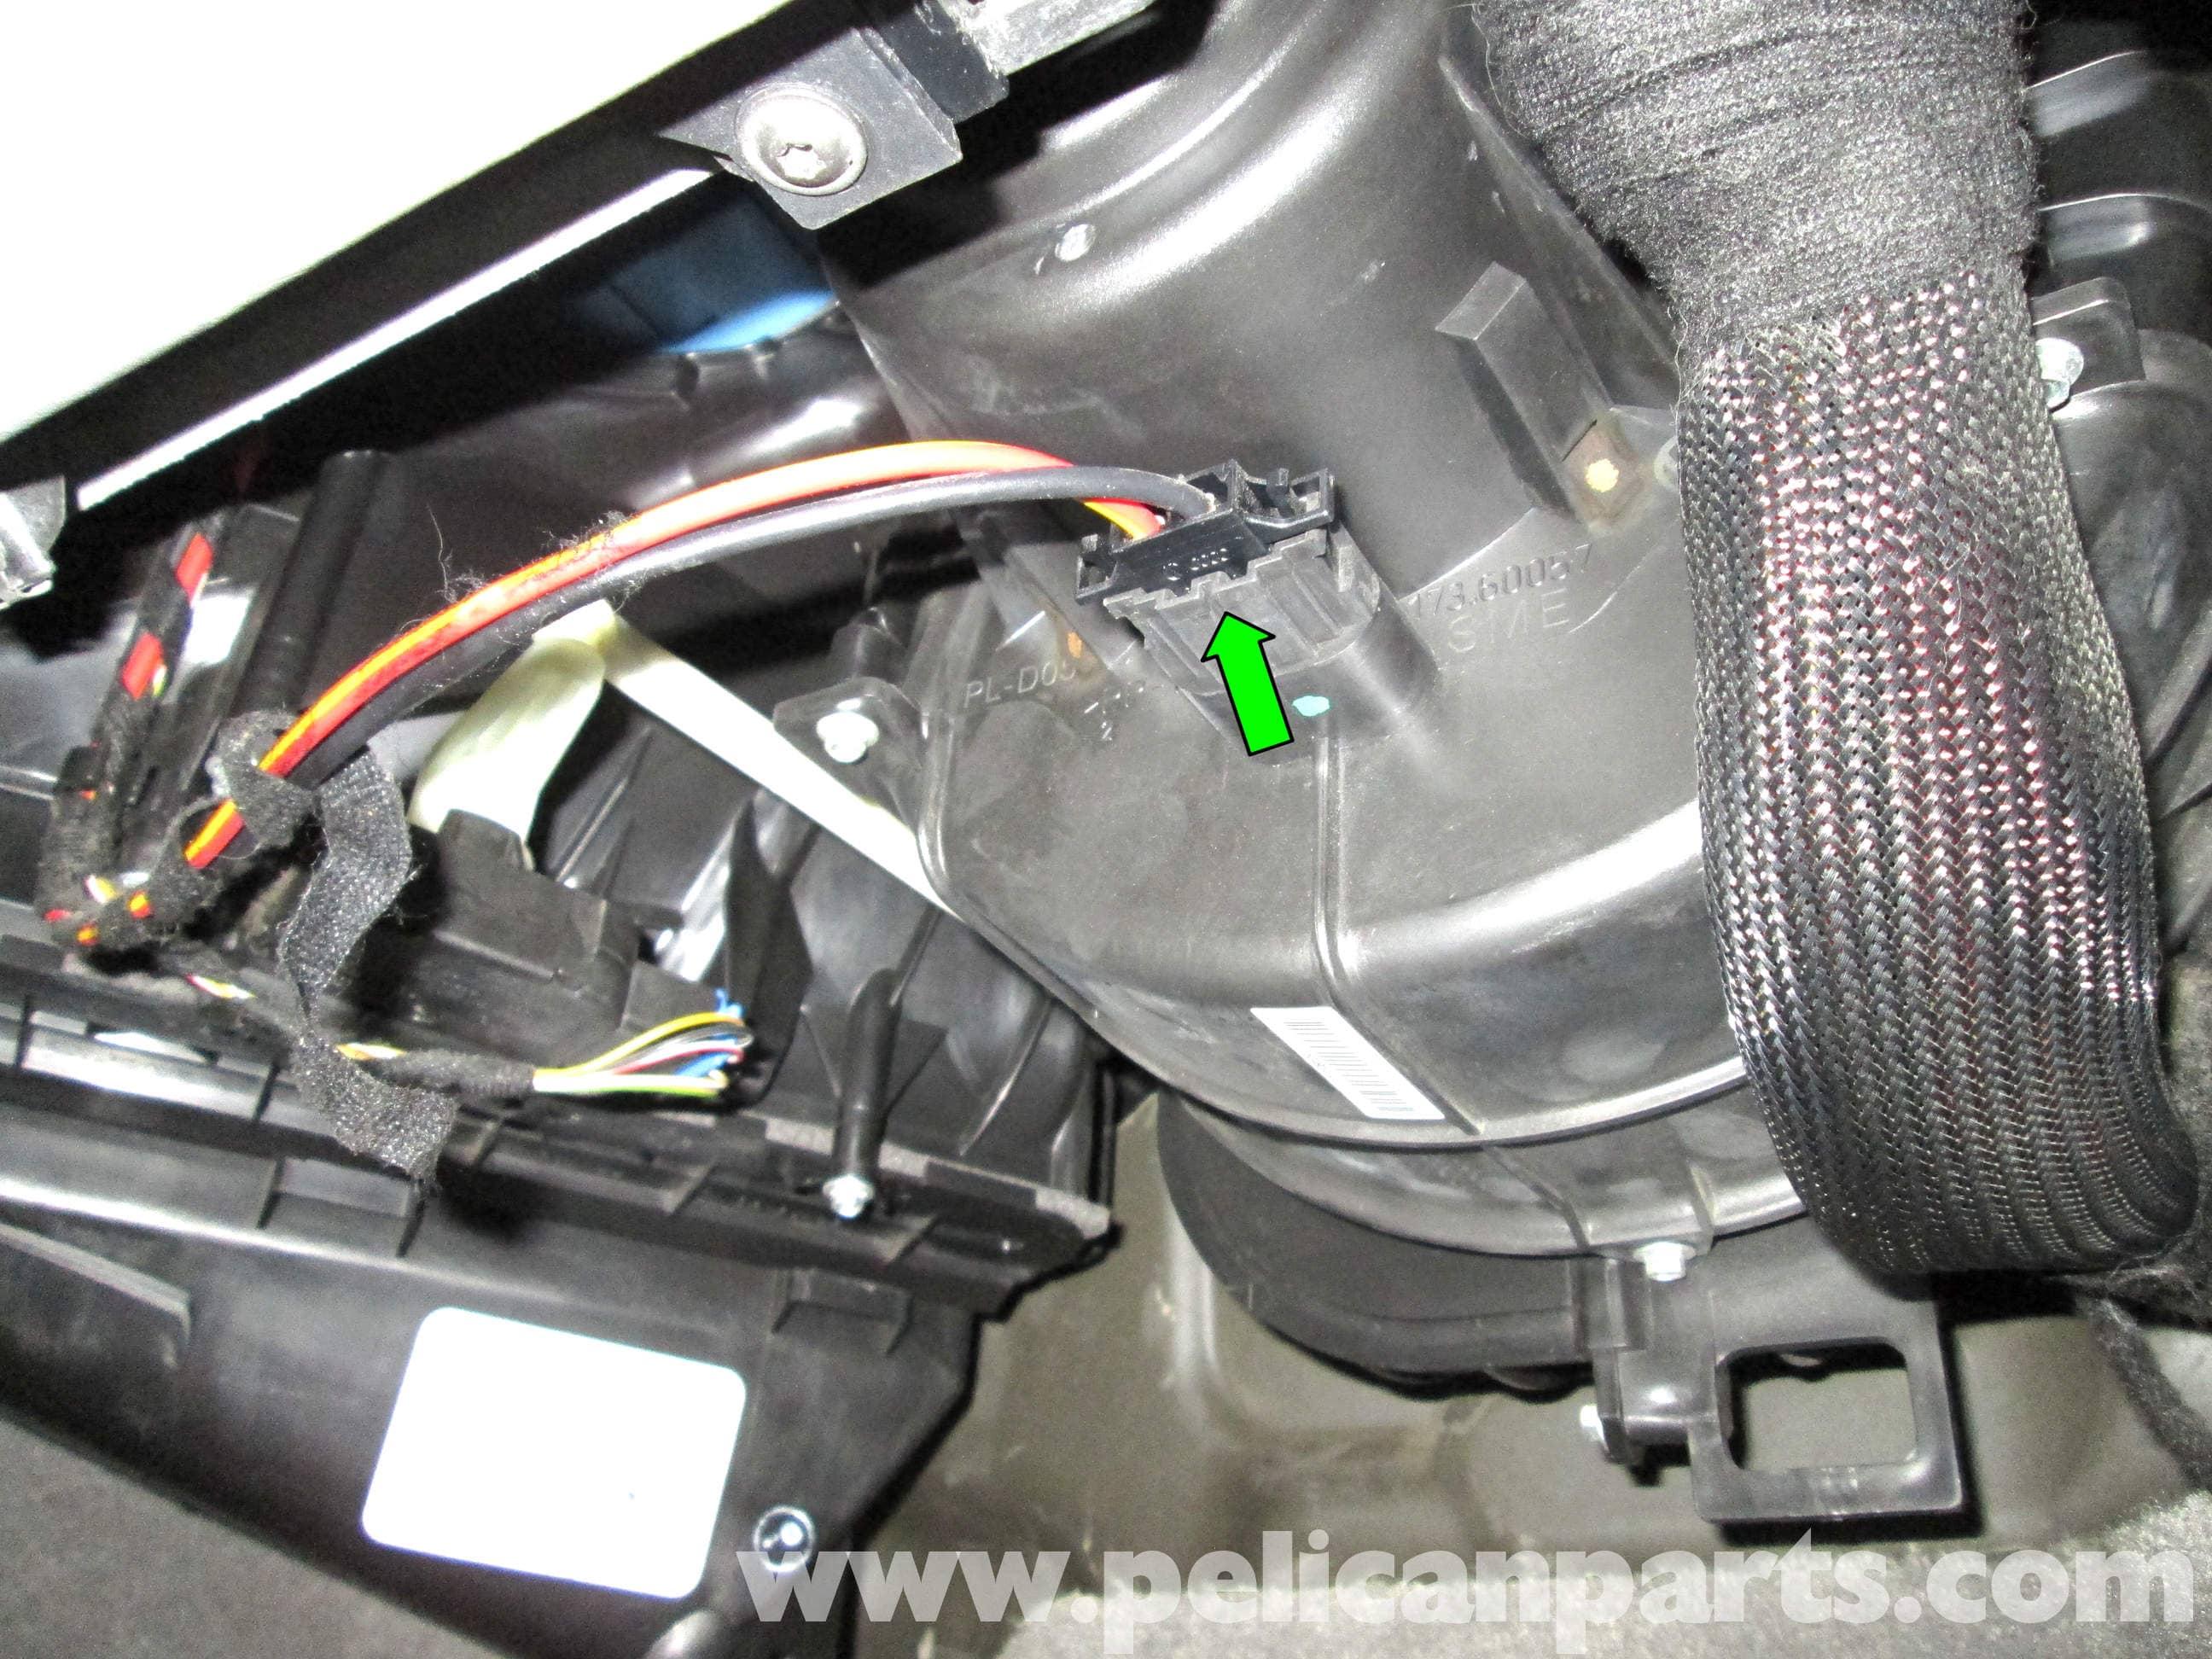 Porsche cayenne hvac blower fan and regulator replacement for Hvac blower motor replacement